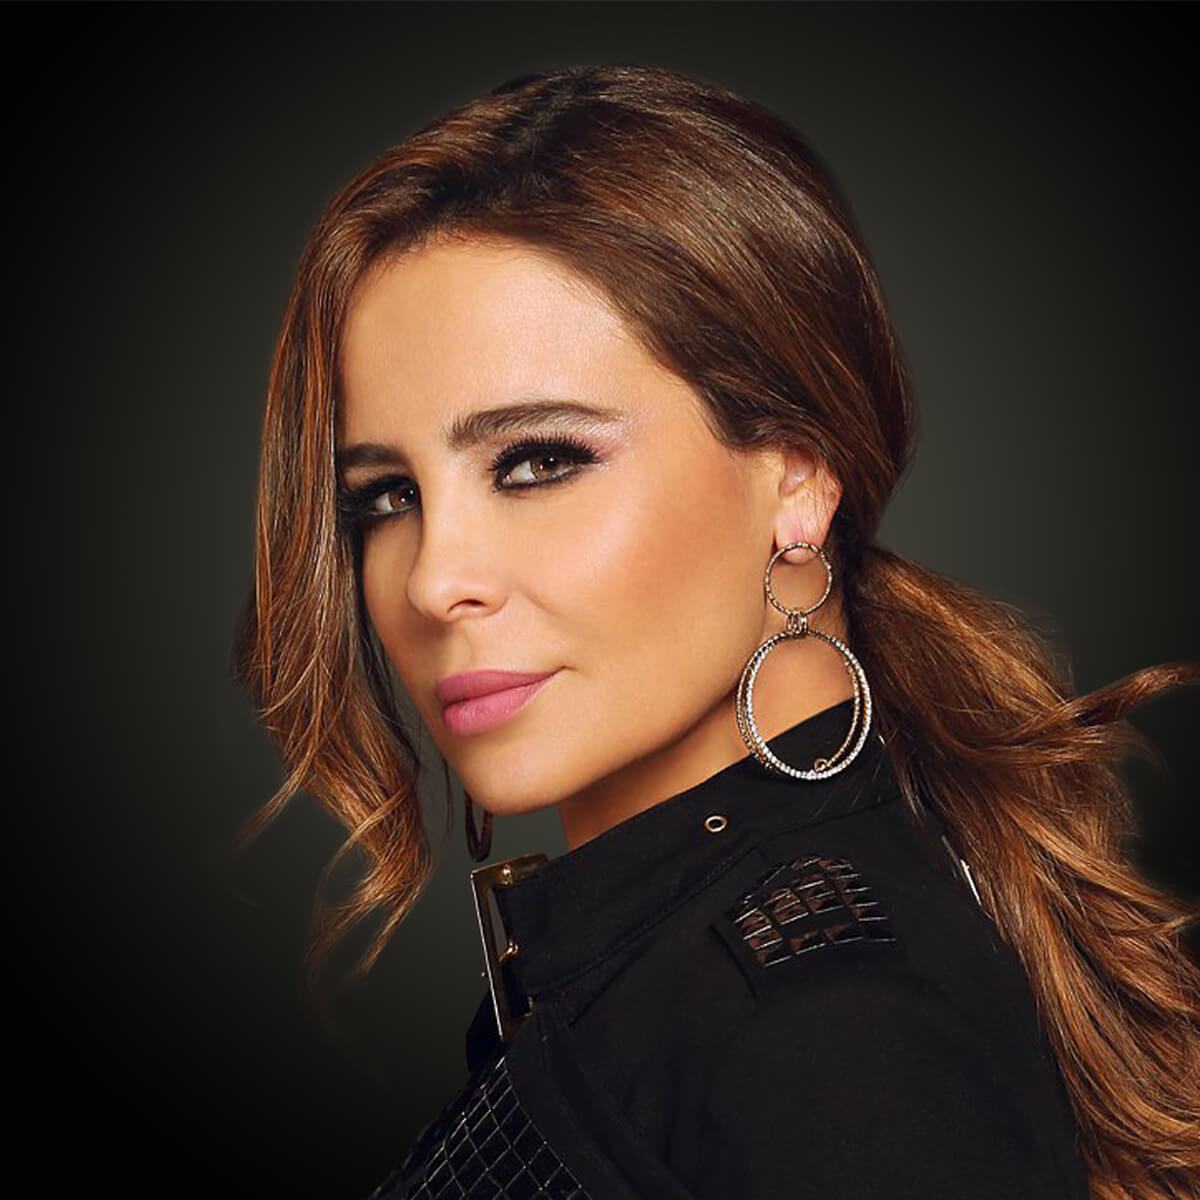 singer carole samaha